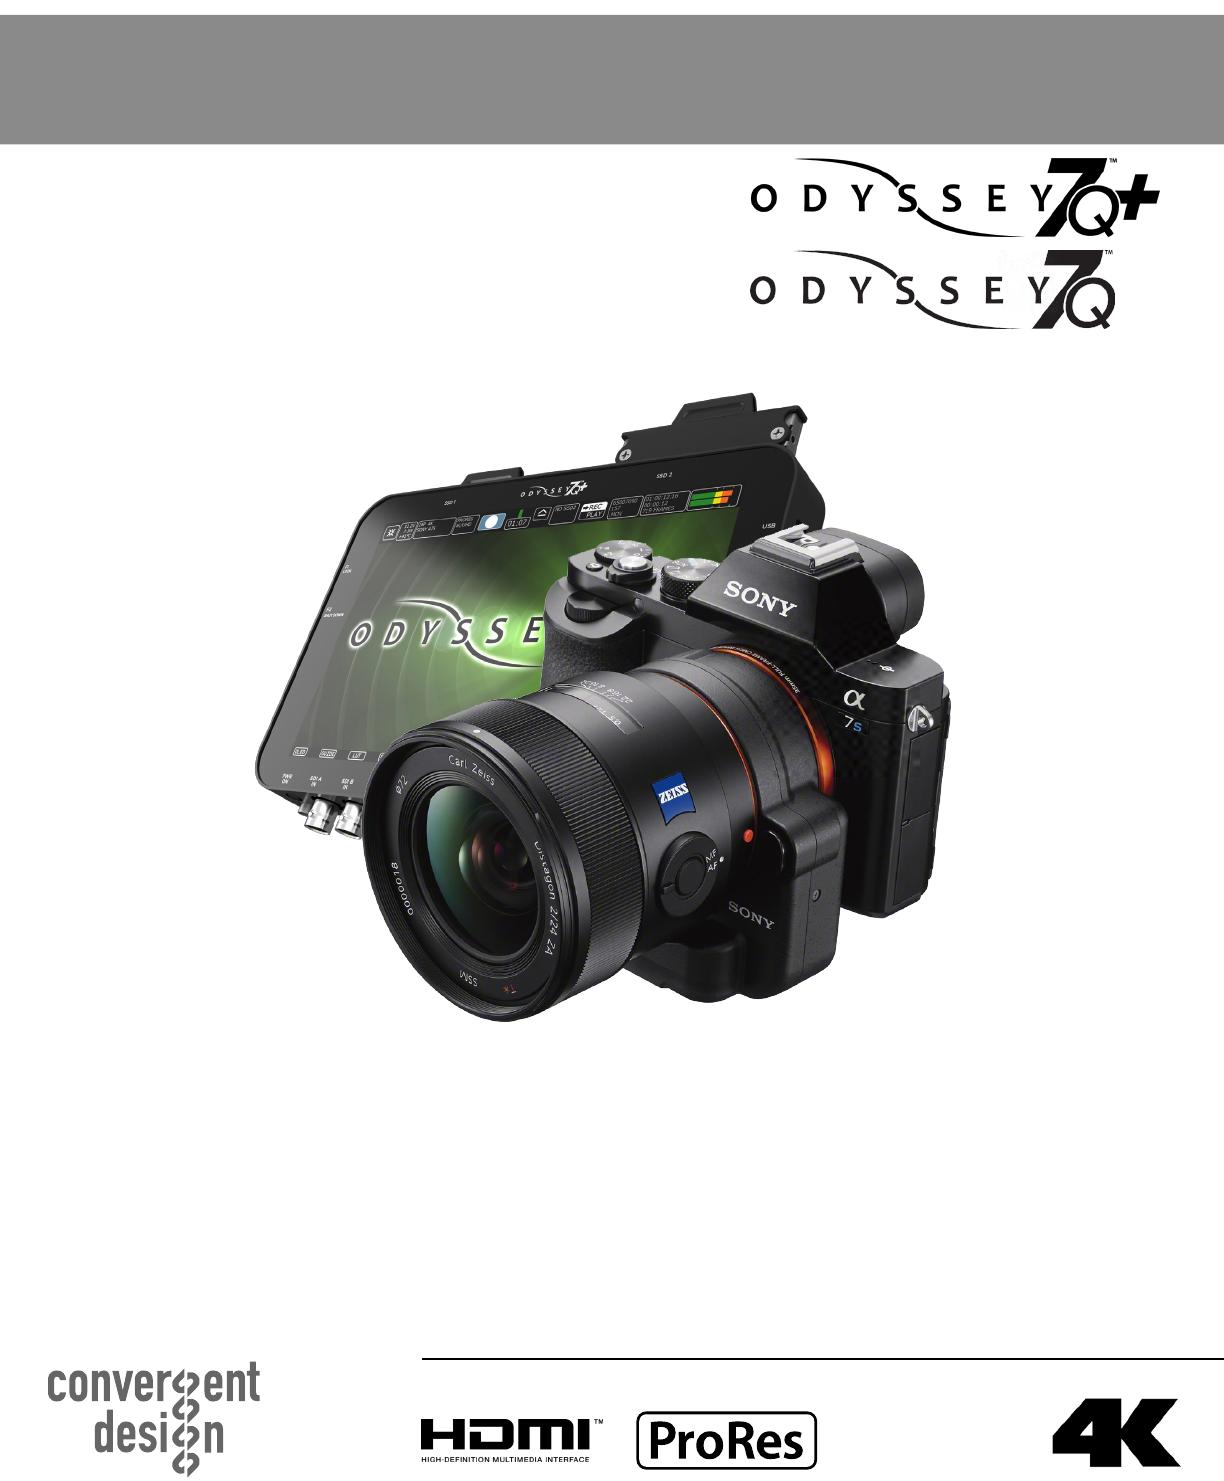 Odyssey Sony A7S Setup Guide 2015 8